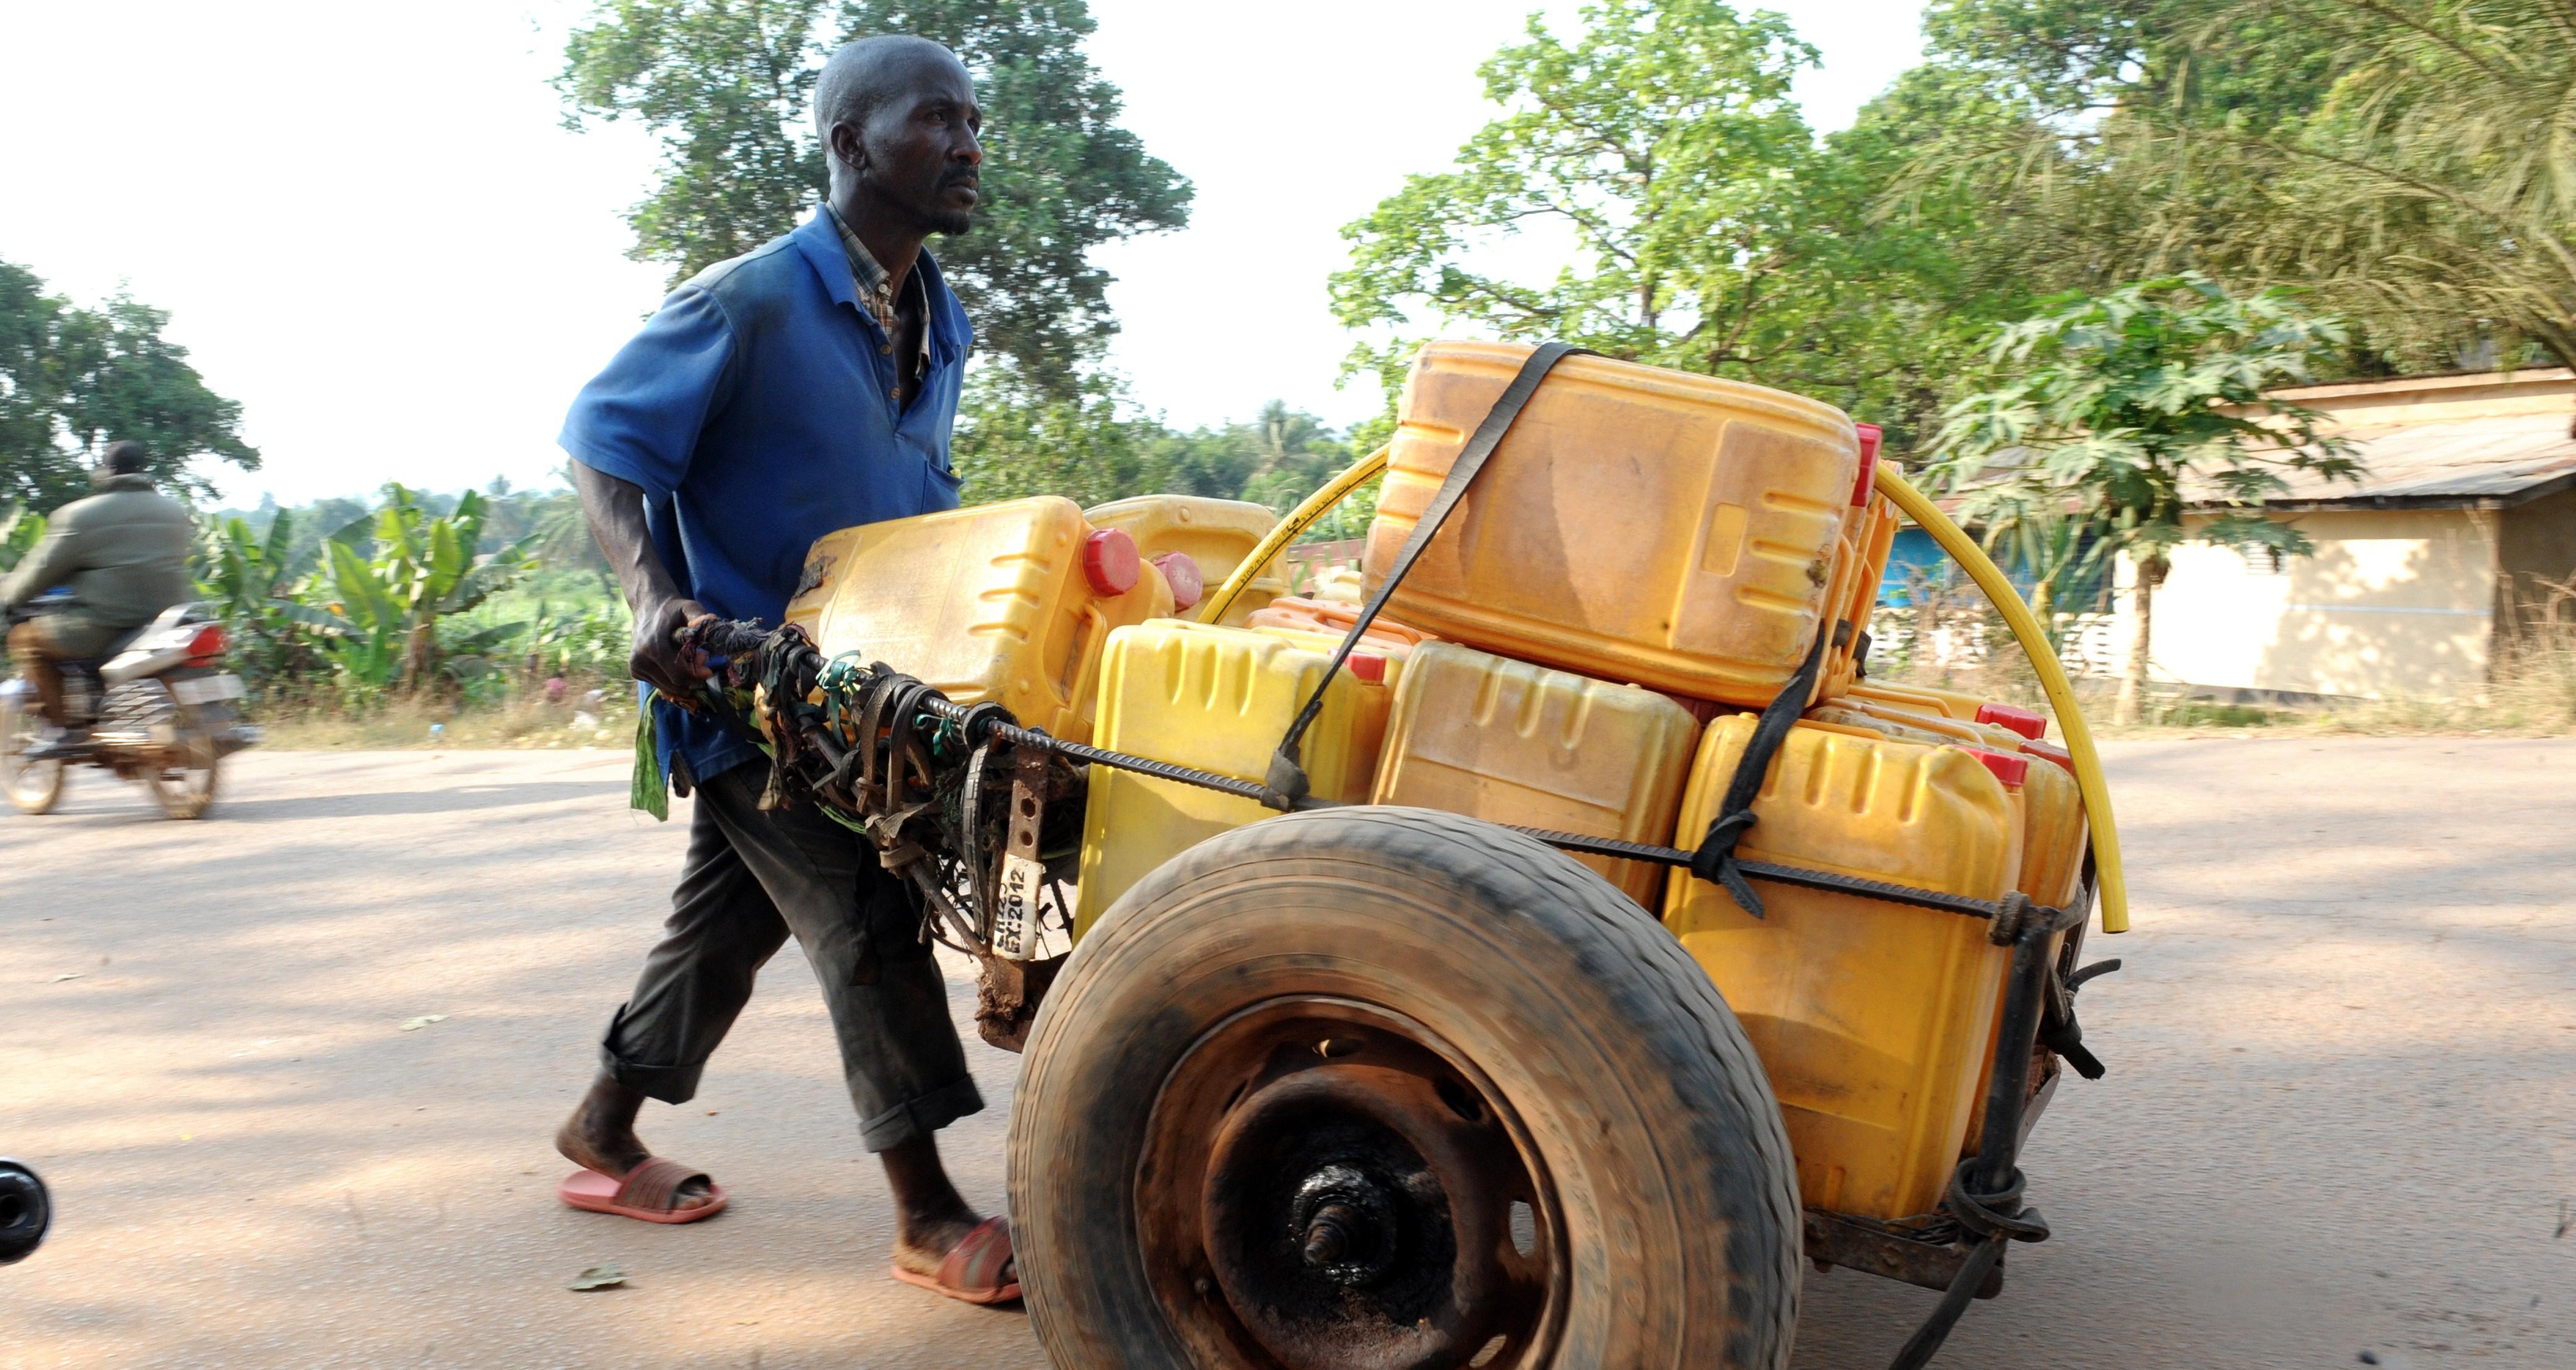 GUINEA-HEALTH-EBOLA-DAILY-LIFE